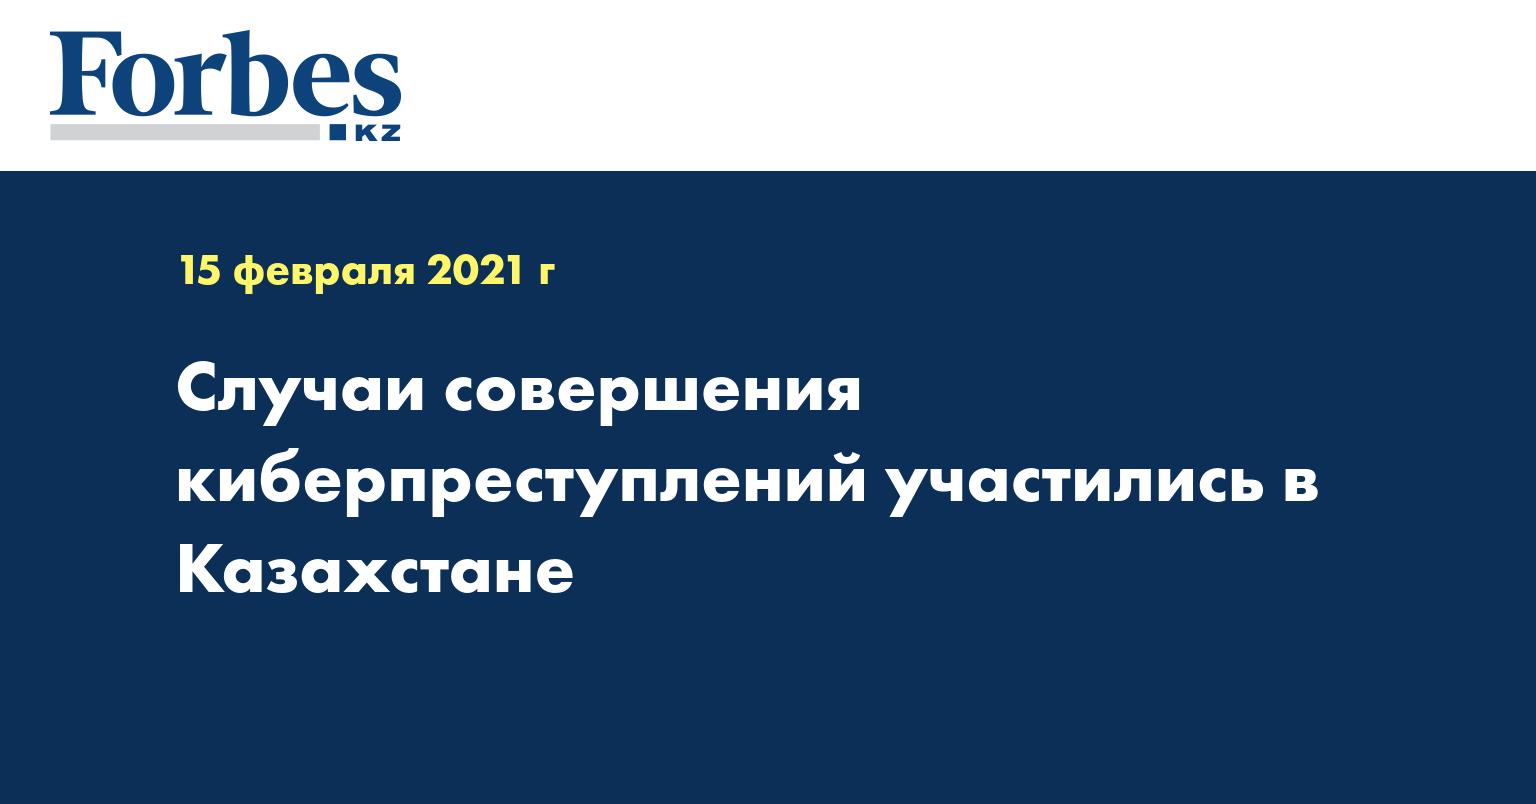 Случаи совершения киберпреступлений участились в Казахстане